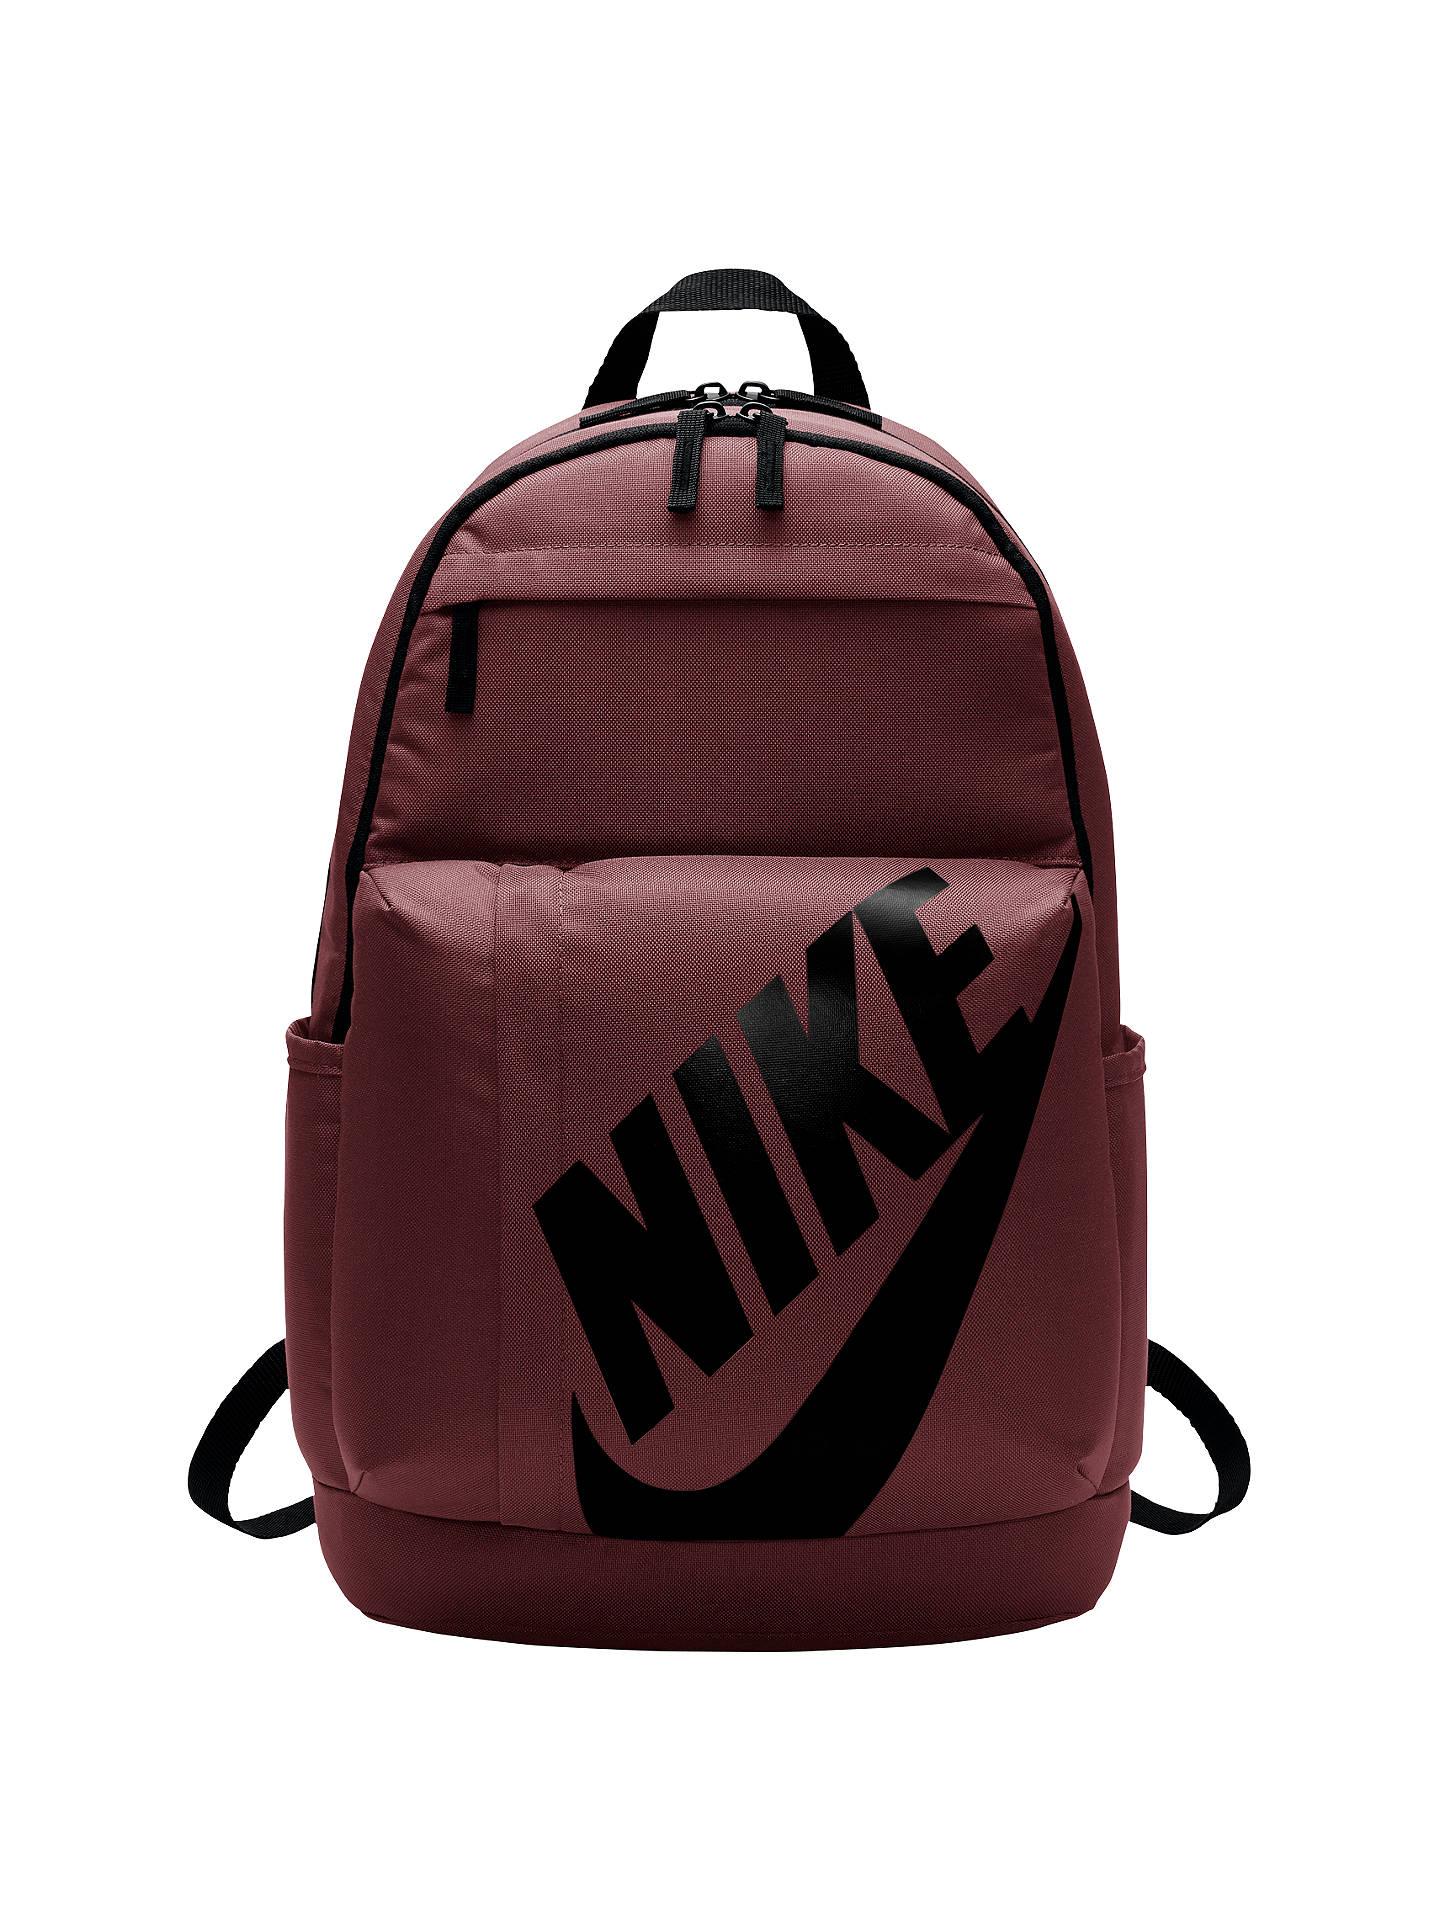 a21d5c4ea304 BuyNike Sportswear Elemental Backpack